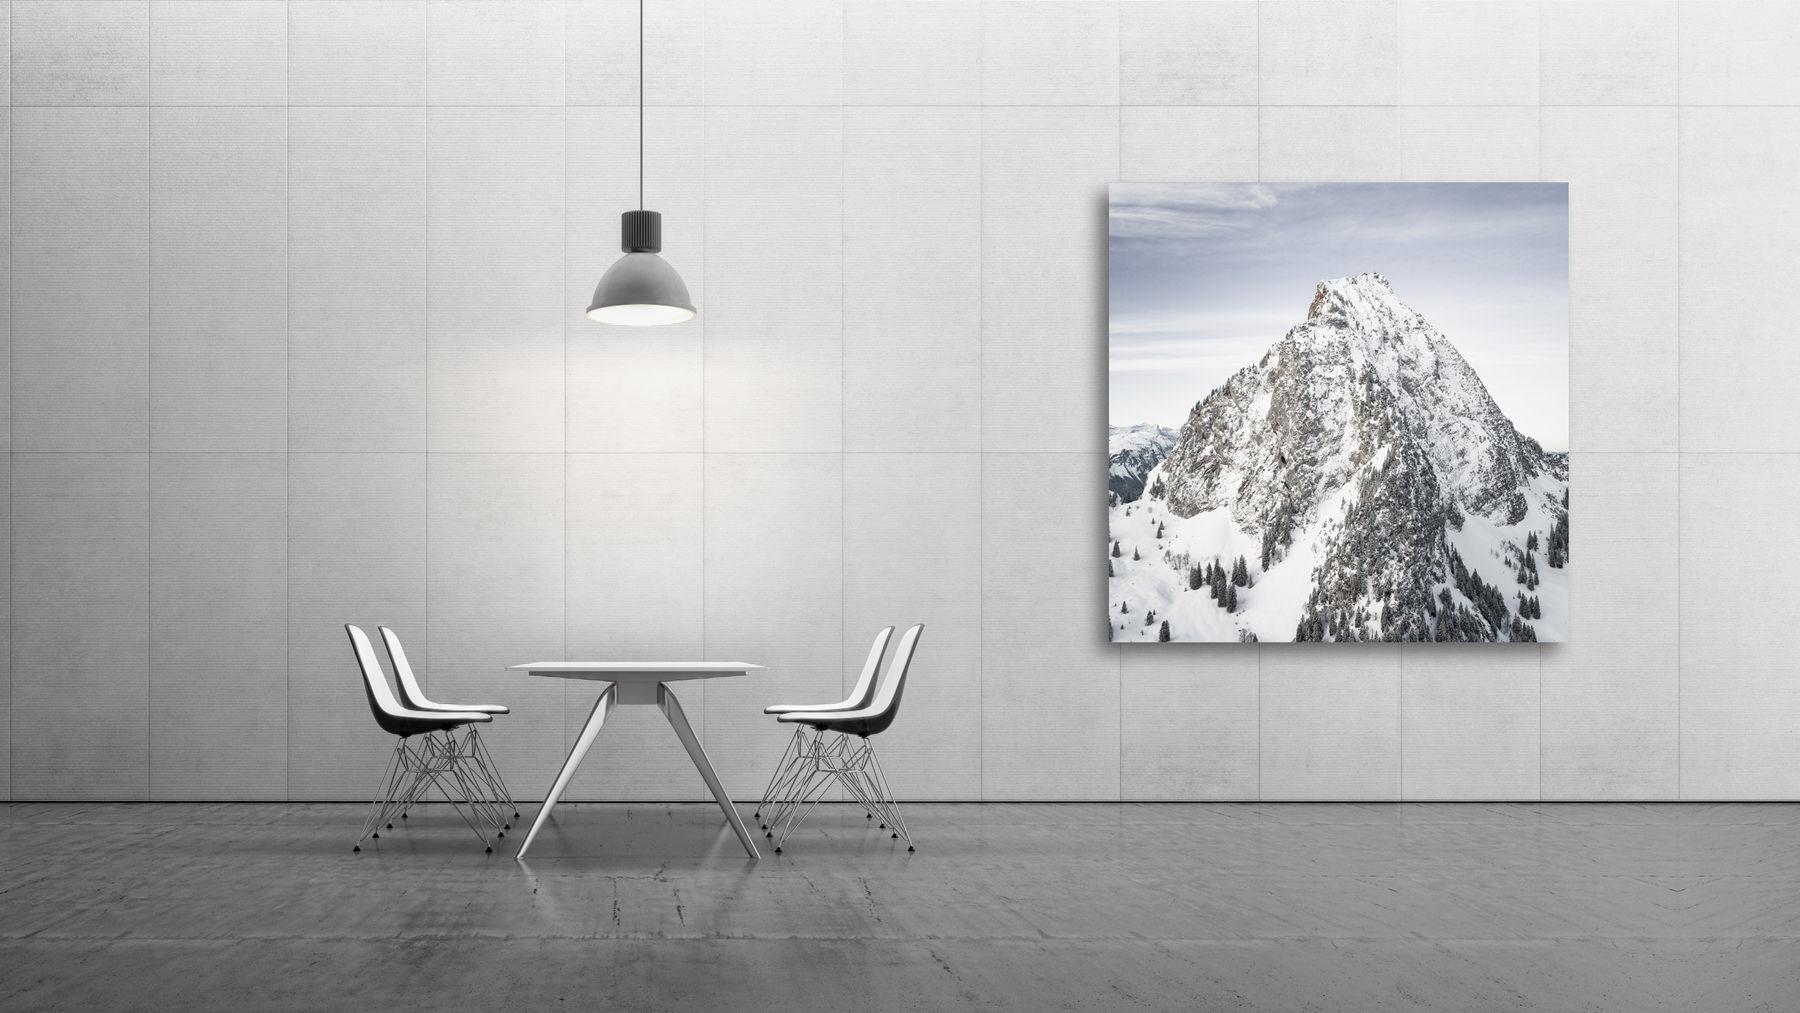 Der Grosse Mythen / Schwyz - winterlicher Aufnahme - The Rock